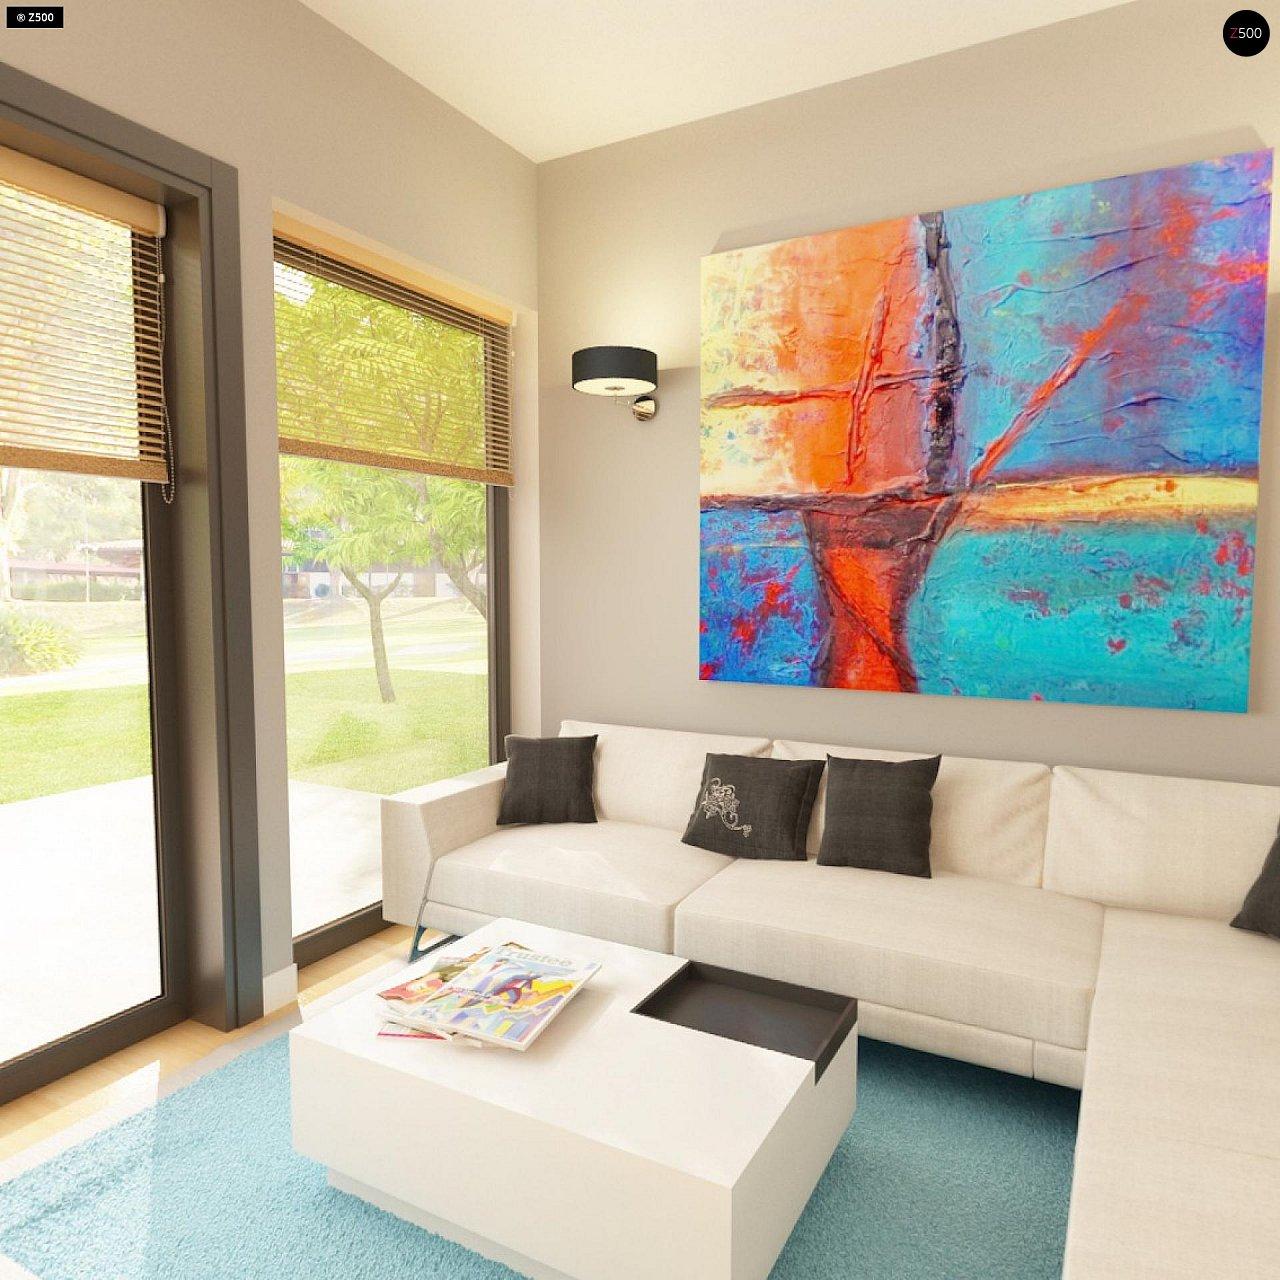 Практичный одноэтажный дом с 4-х скатной кровлей и угловым окном в кухне. 8